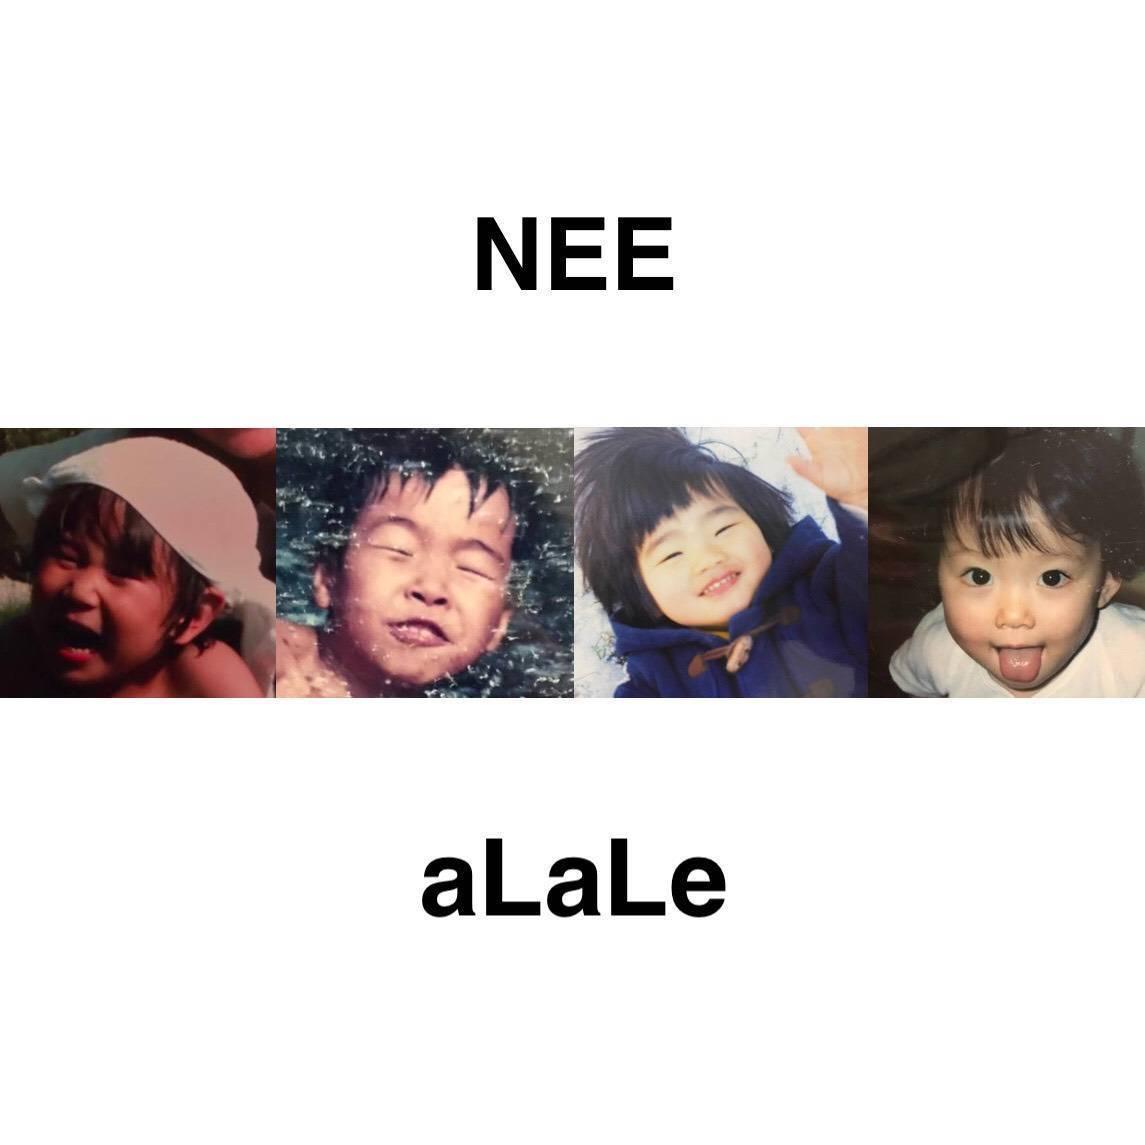 aLaLe